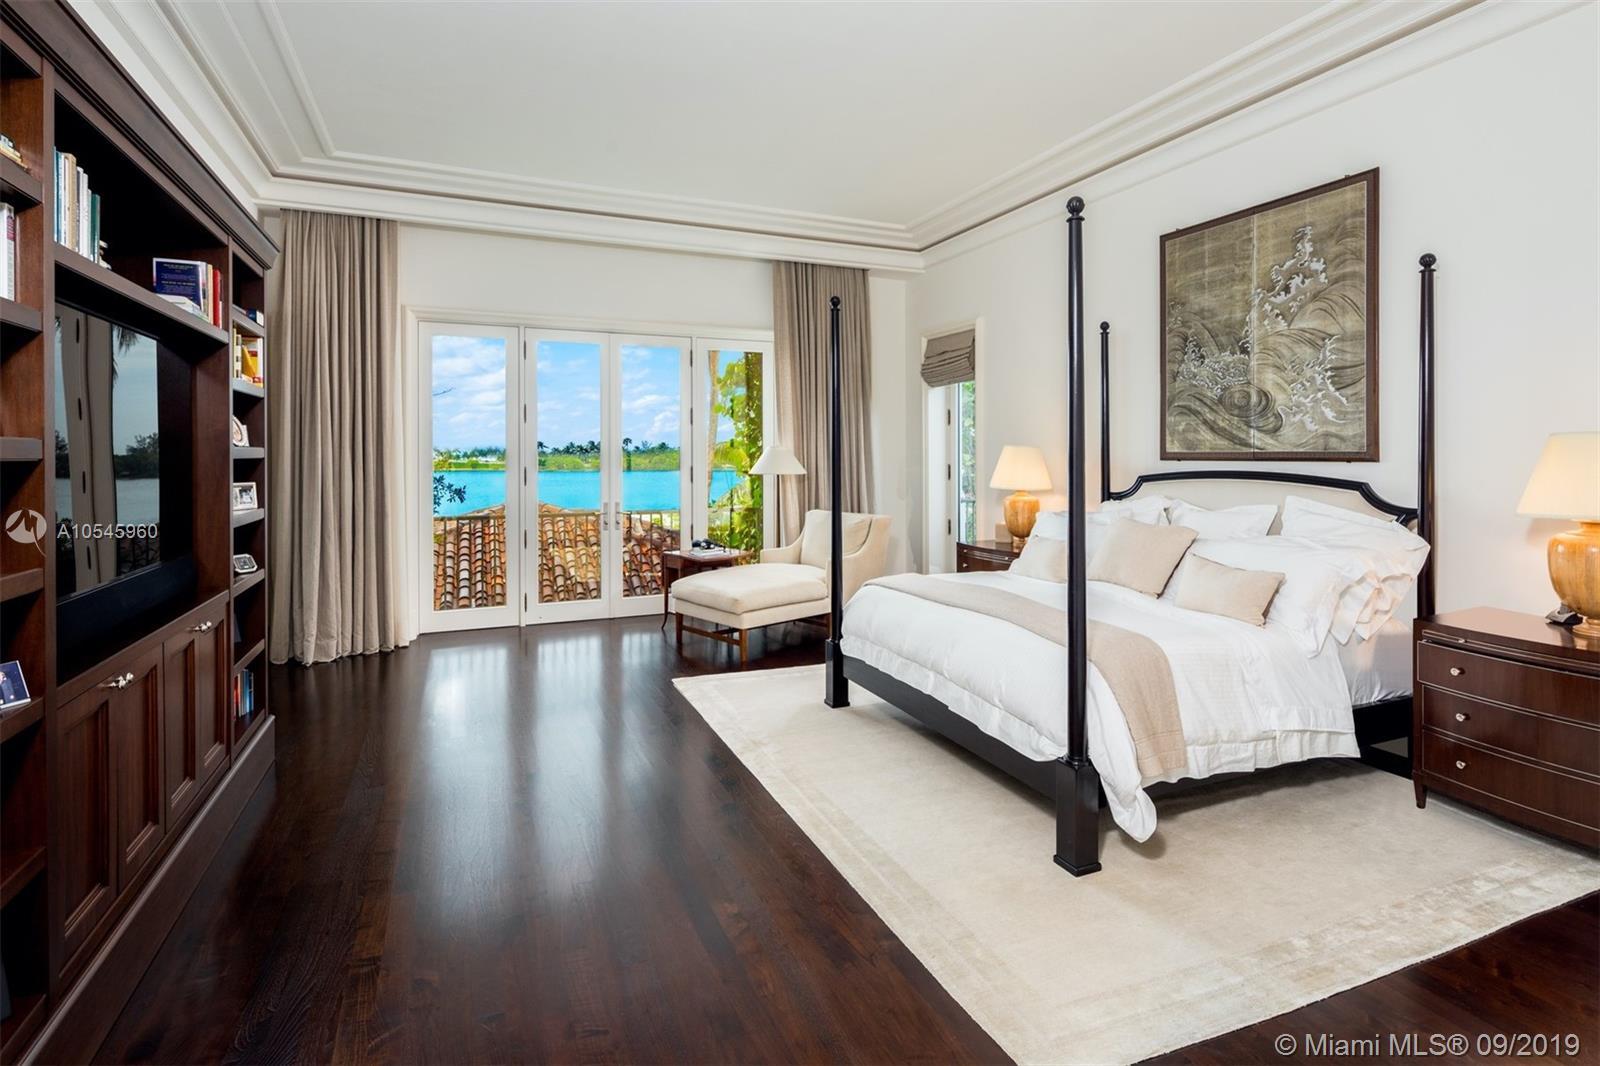 1633 View dr- miami-beach-fl-33140-a10545960-Pic08